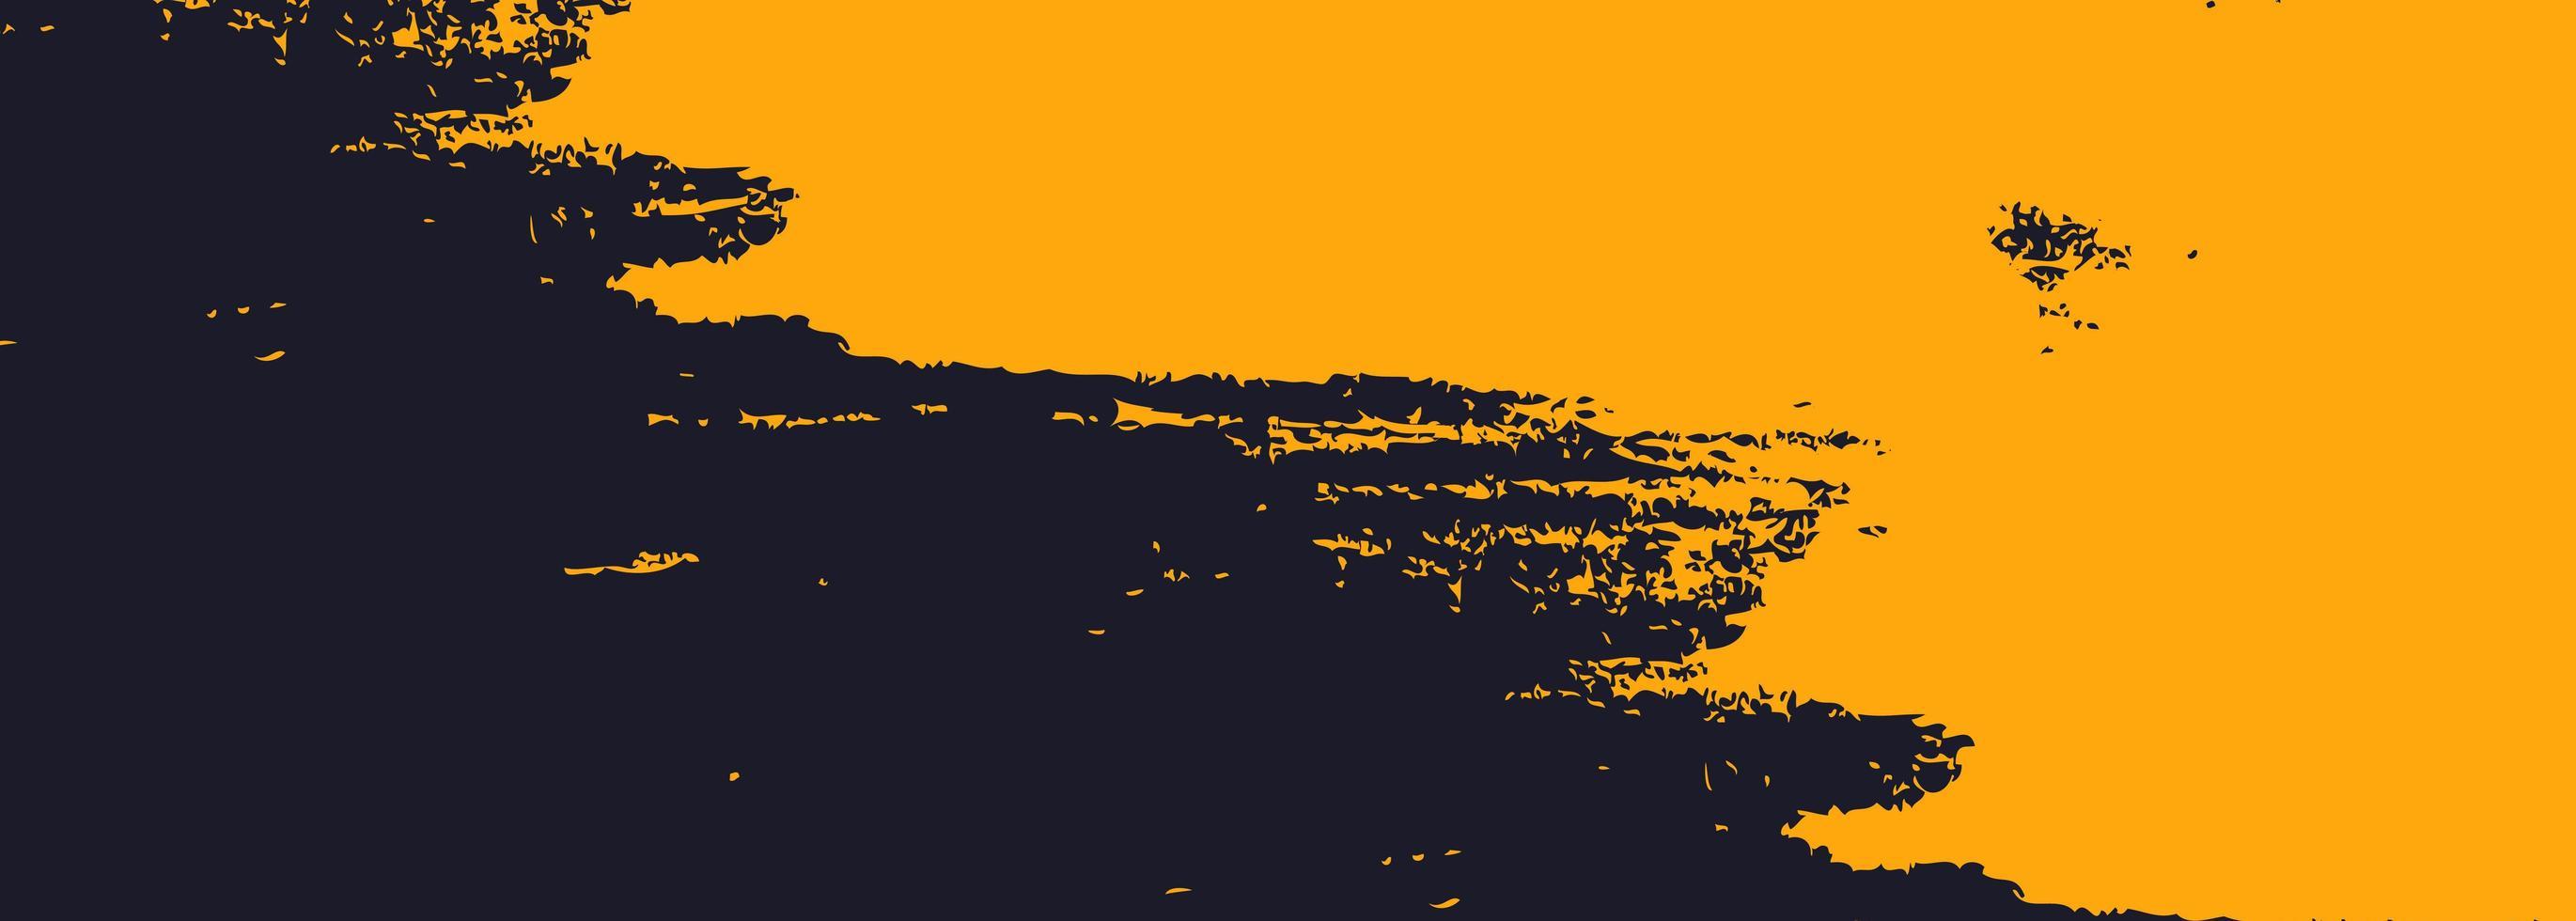 conception de bannière aquarelle abstraite orange et noir vecteur